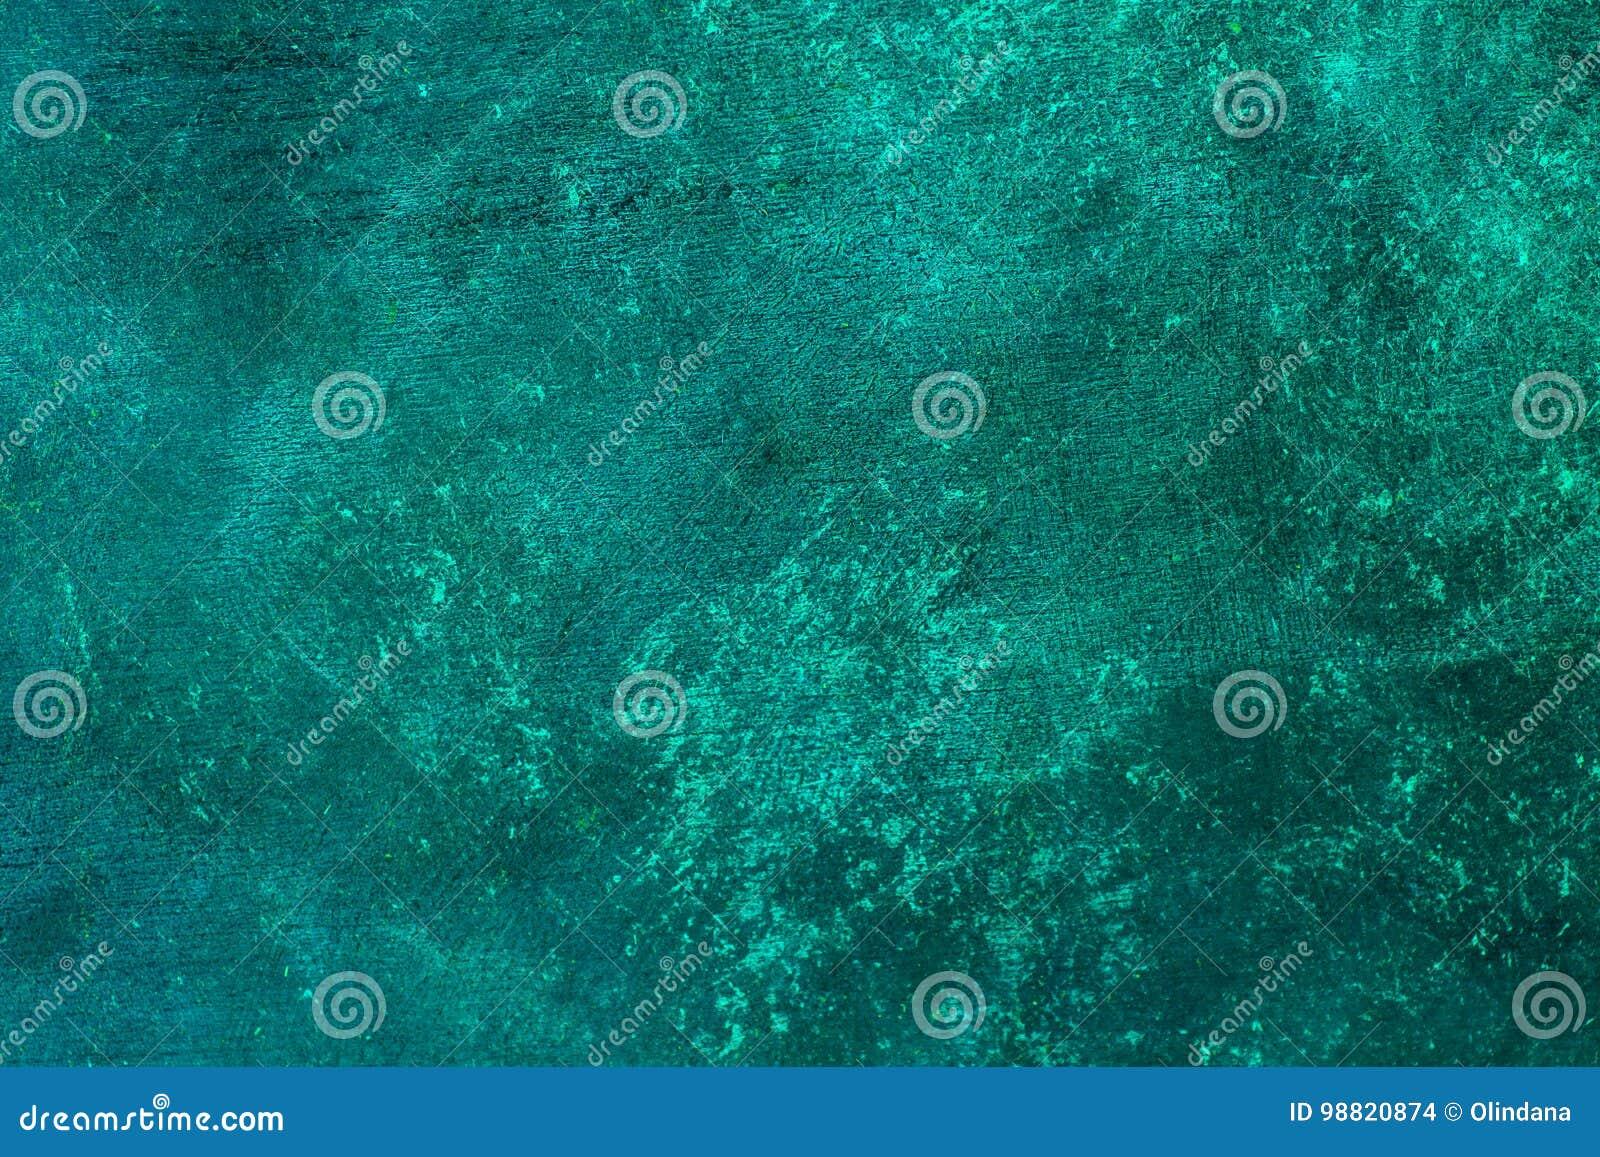 Alter beunruhigter blauer Türkis verrostete Messinghintergrund mit rauer Beschaffenheit Befleckt, Steigung, konkret